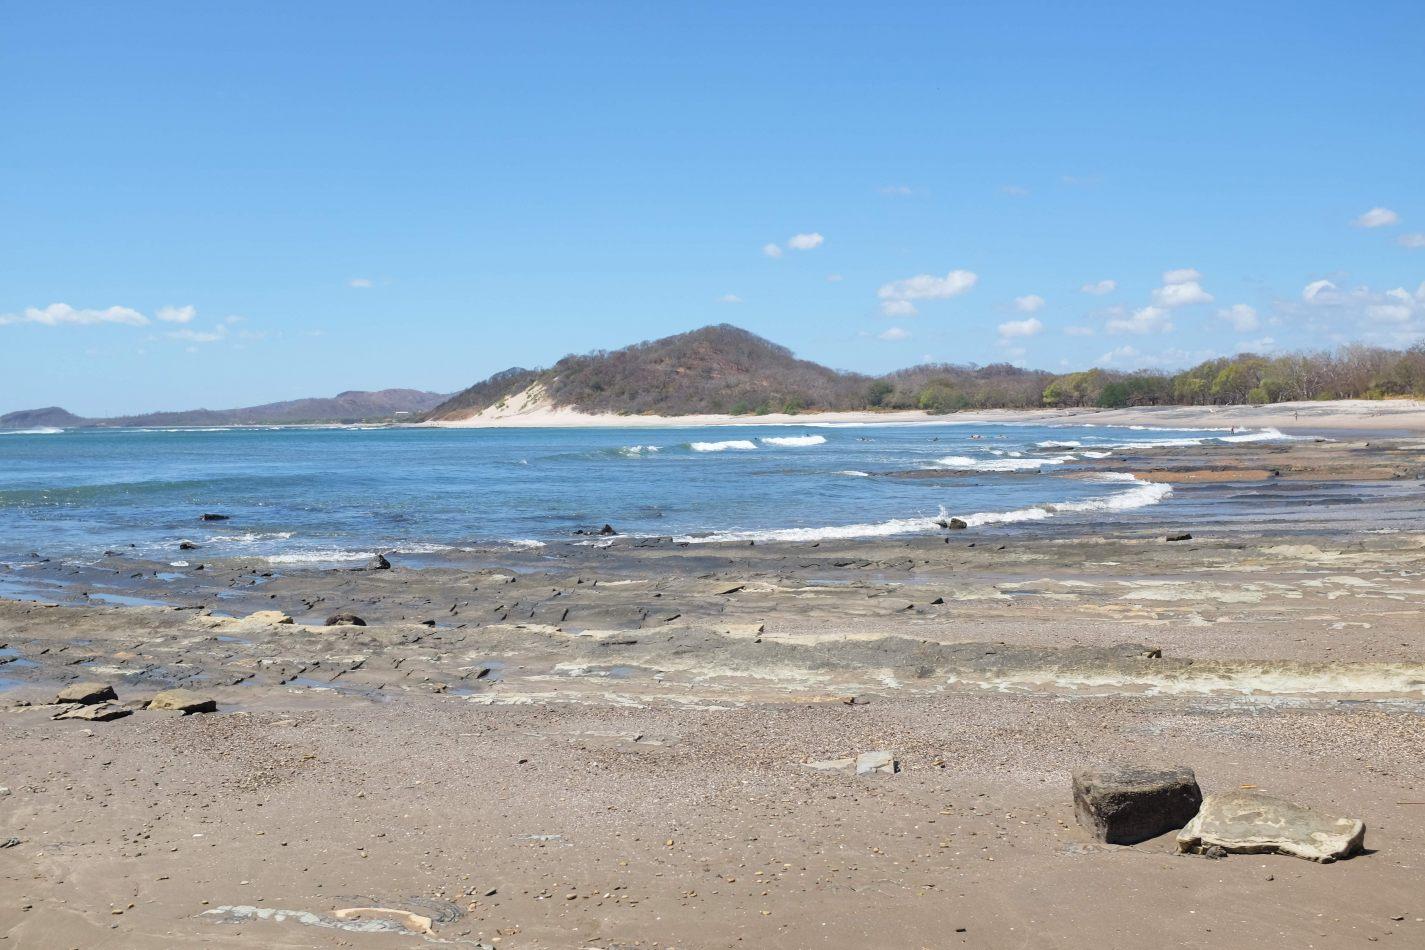 Hibiscus & Nomada : - - Bahia Las Salinas